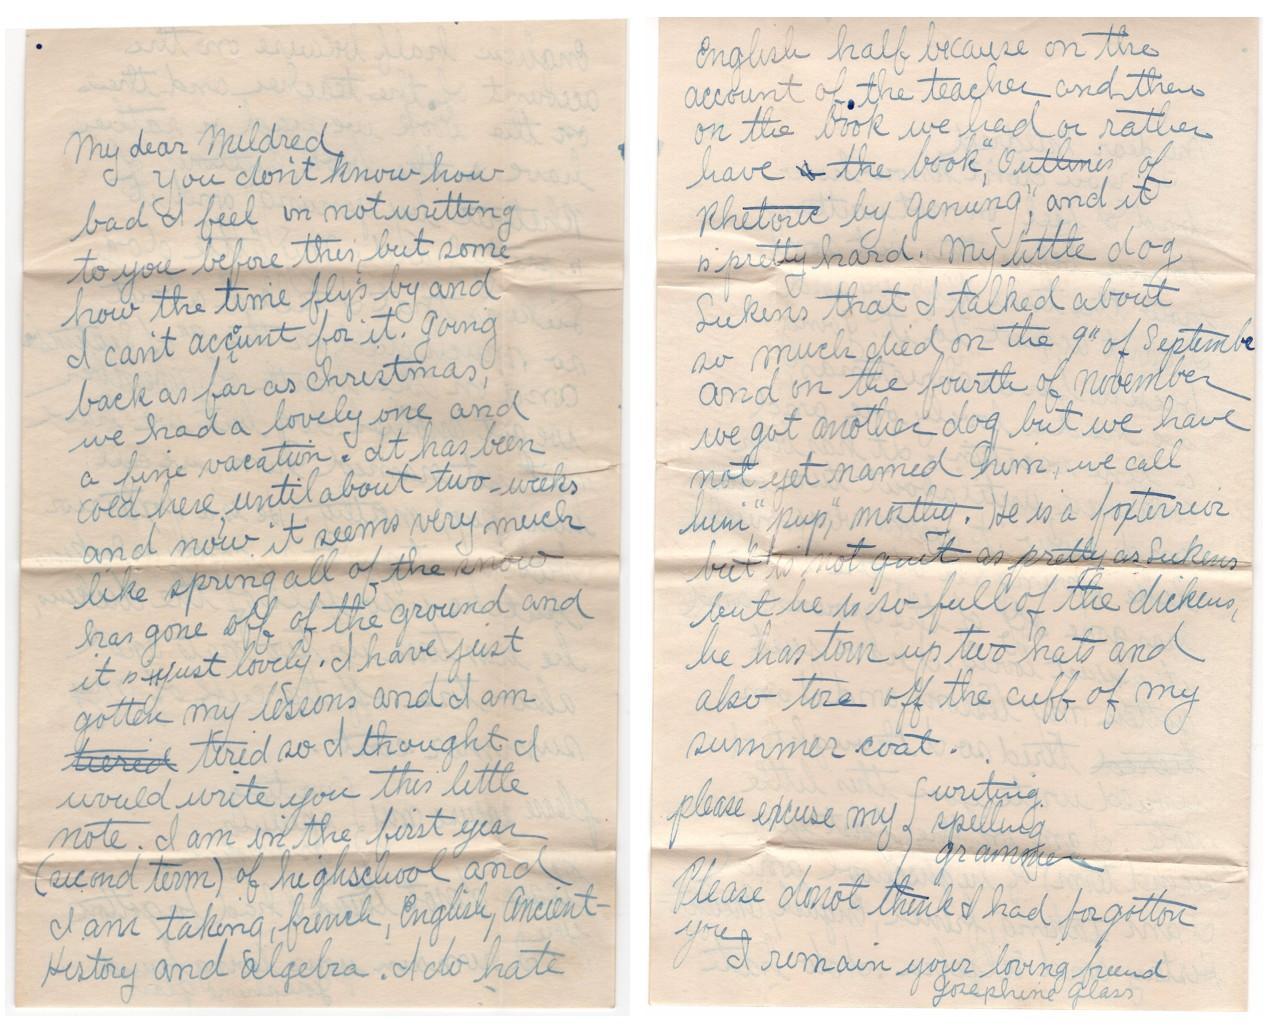 Mildred letter 1905.jpg